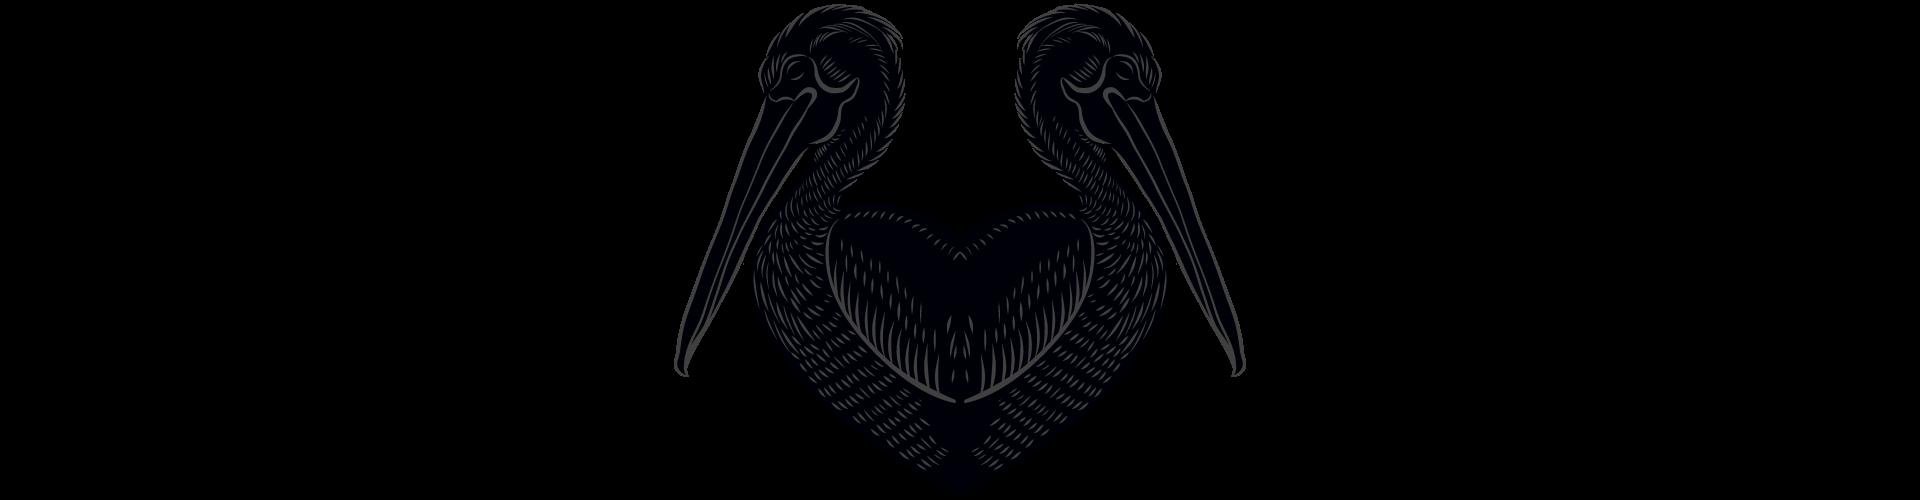 CC_Pelicans-(digital).png